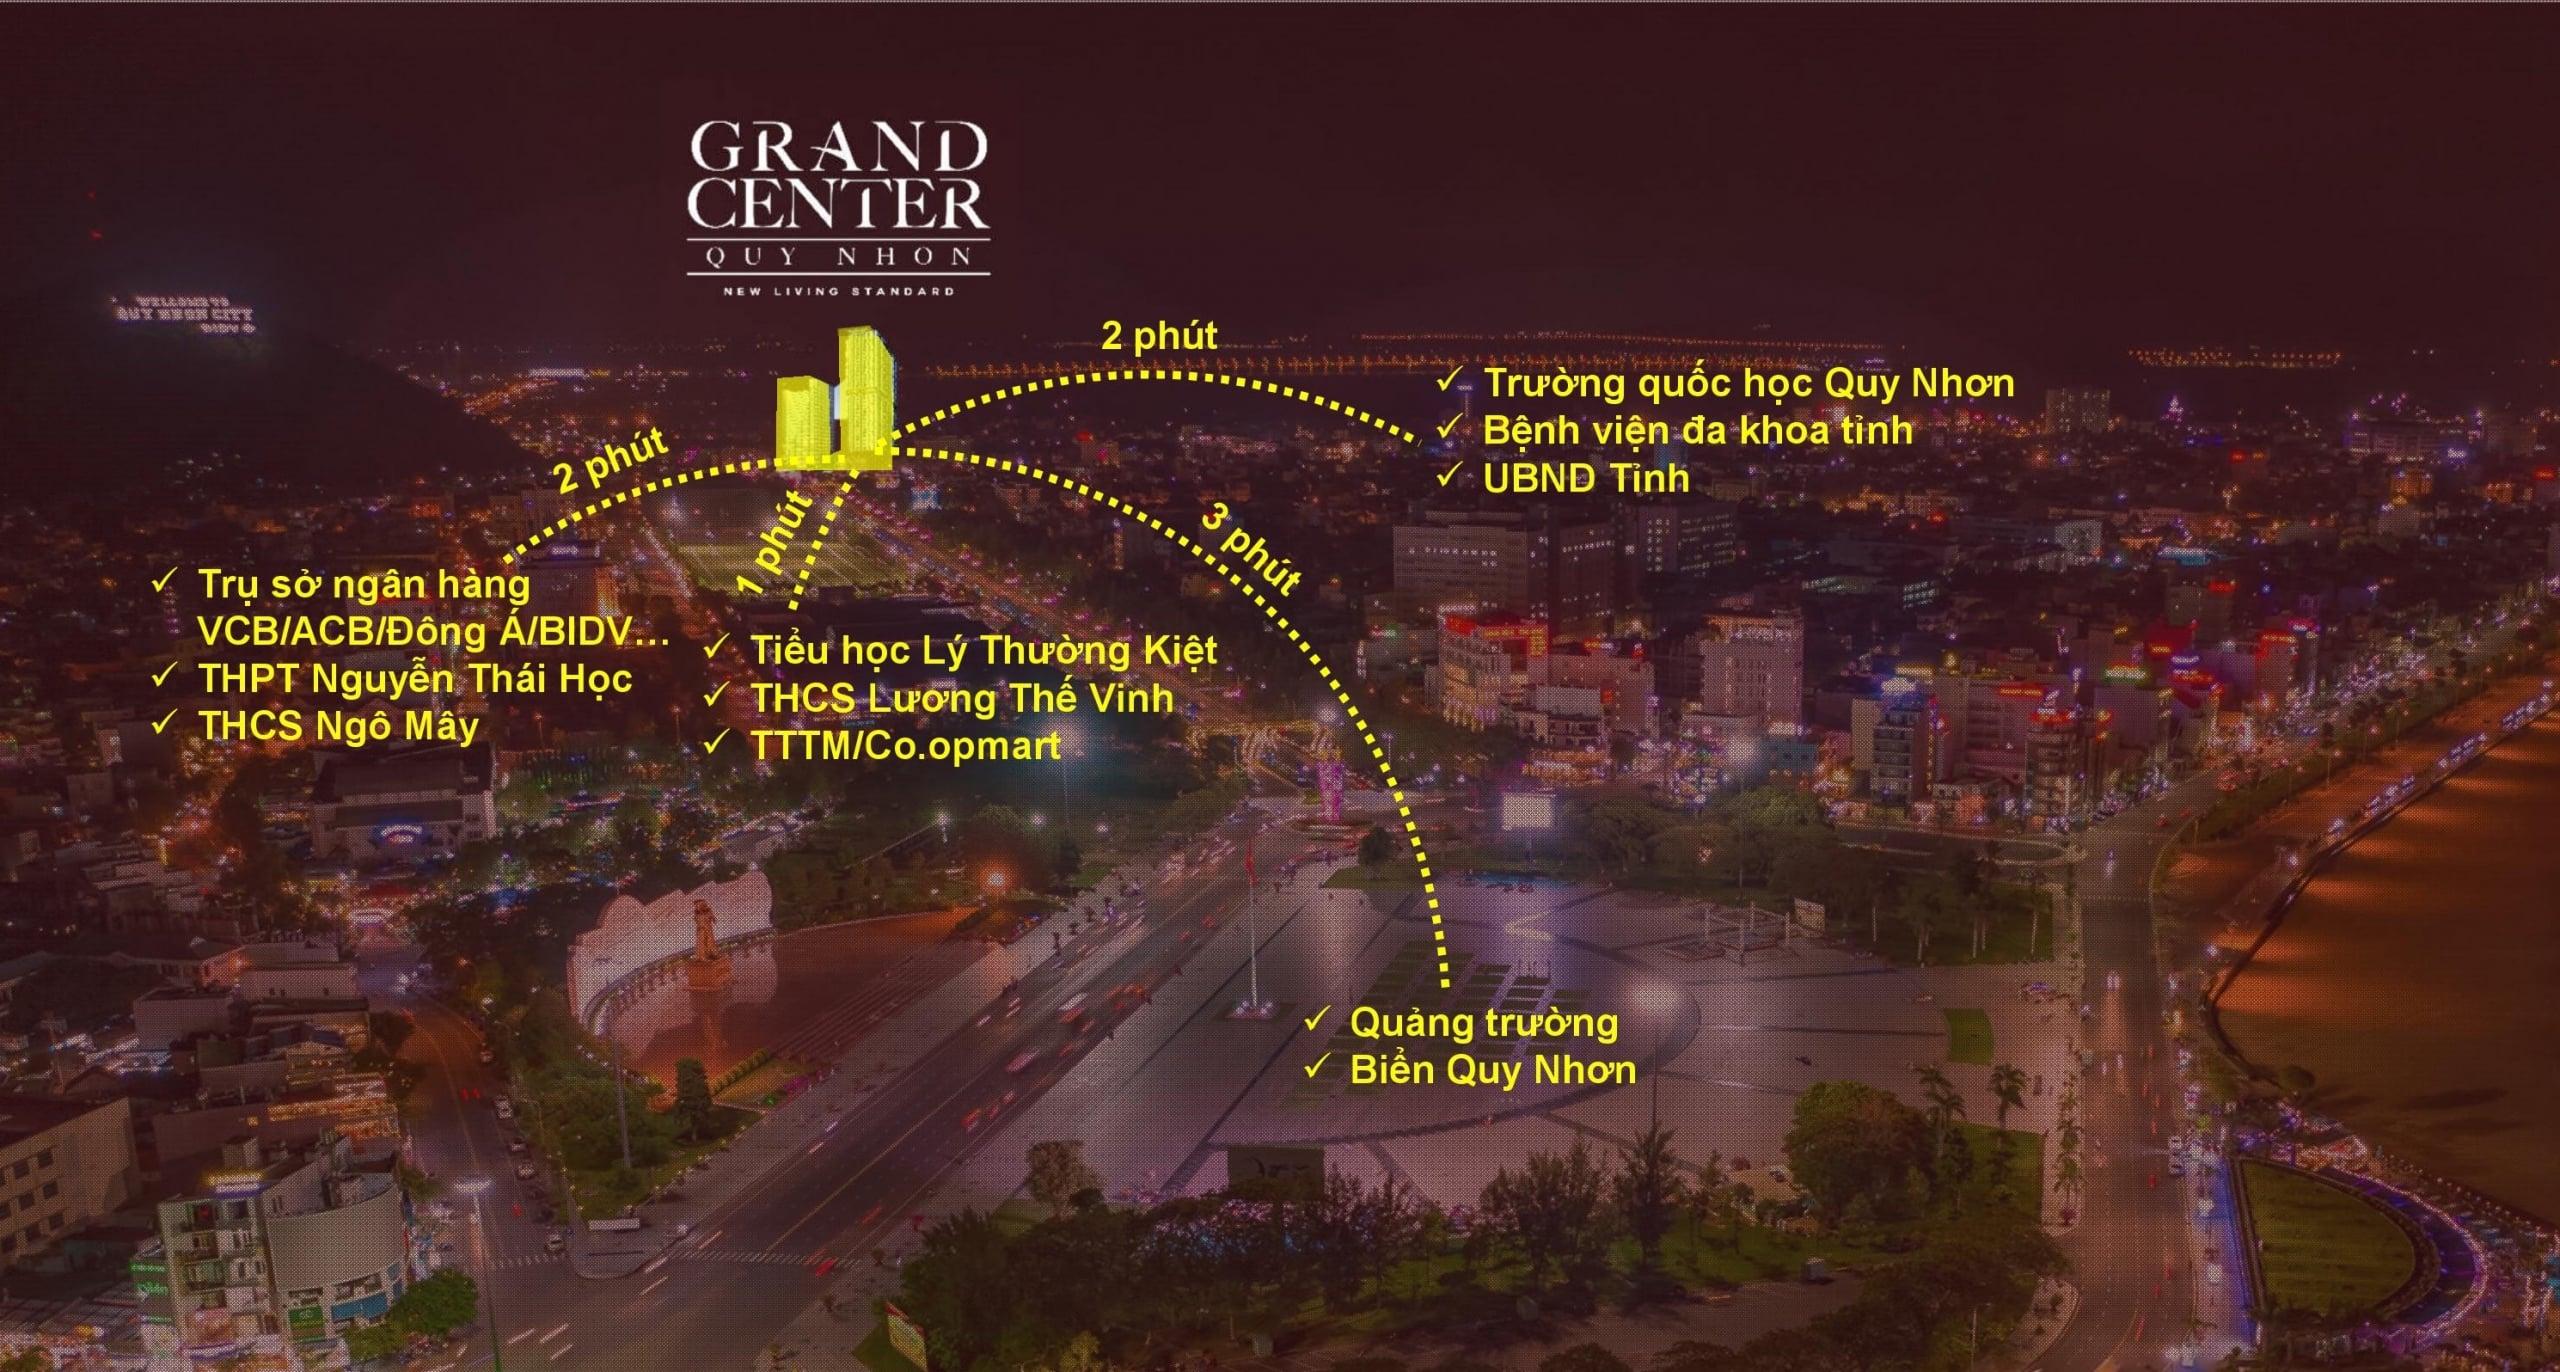 Liên kết vùng Grand Center Quy Nhơn